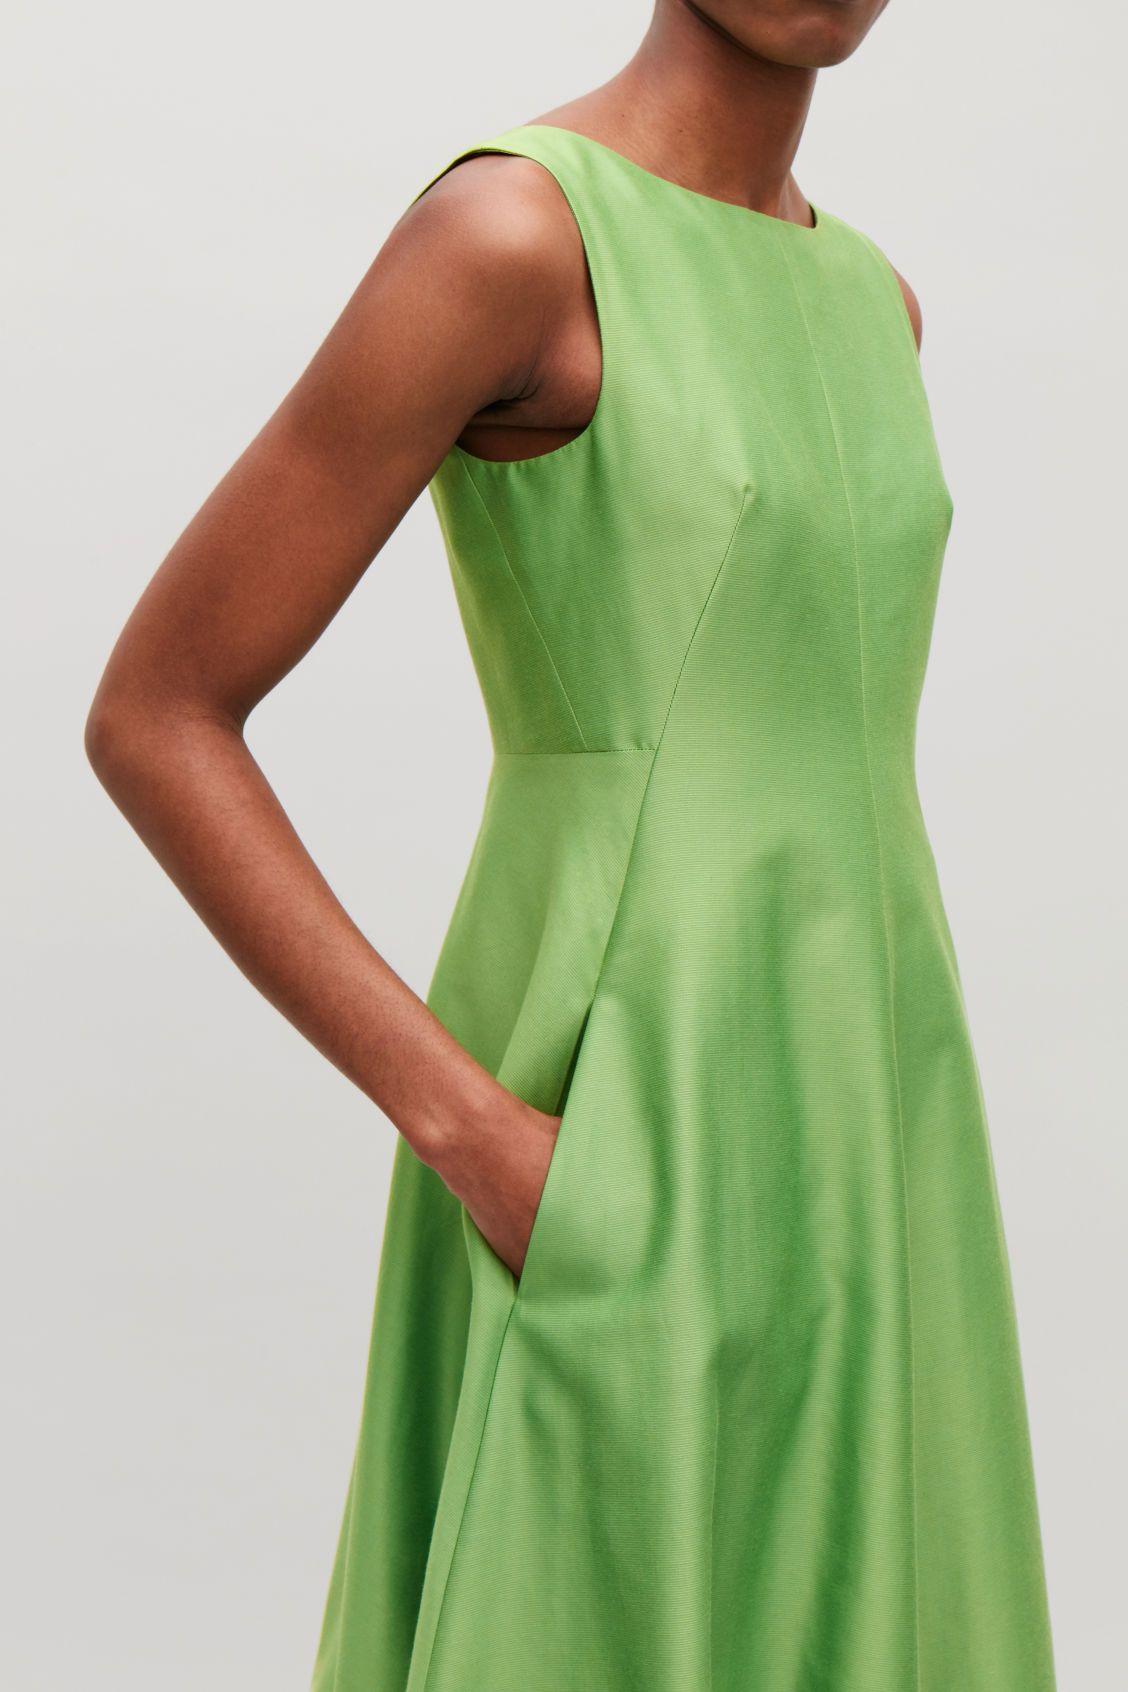 Cos green dress 2018  SLEEVELESS COCOON DRESS  Green  Dresses  COS DK  Платье